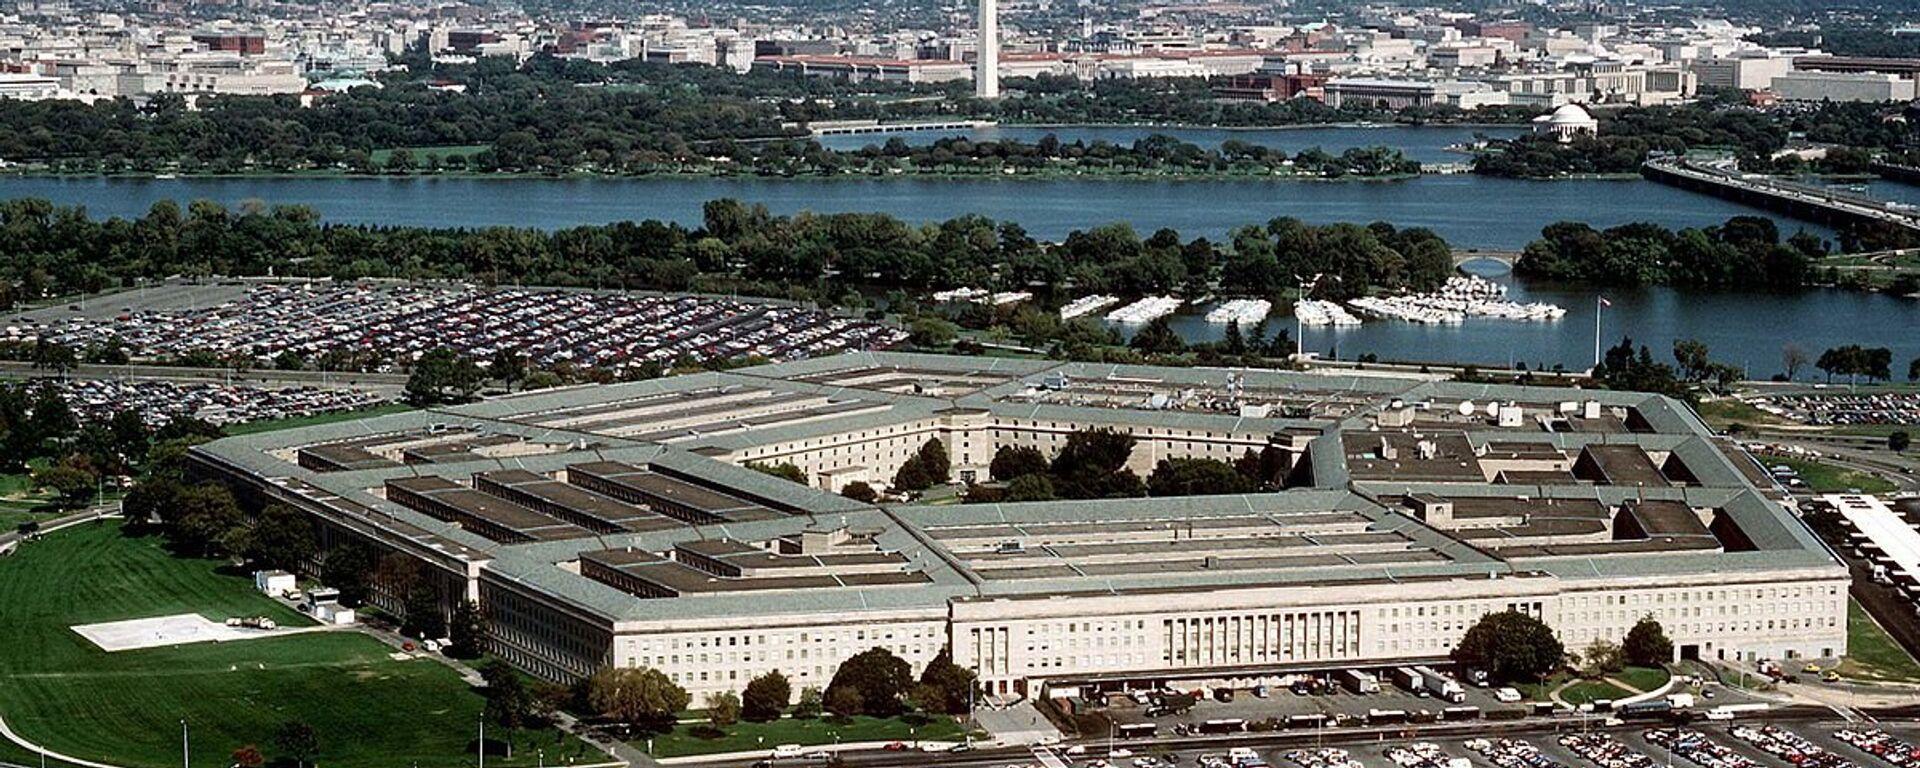 Το υπουργείο Άμυνας των ΗΠΑ, γνωστό ως Πεντάγωνο - Sputnik Ελλάδα, 1920, 30.09.2021